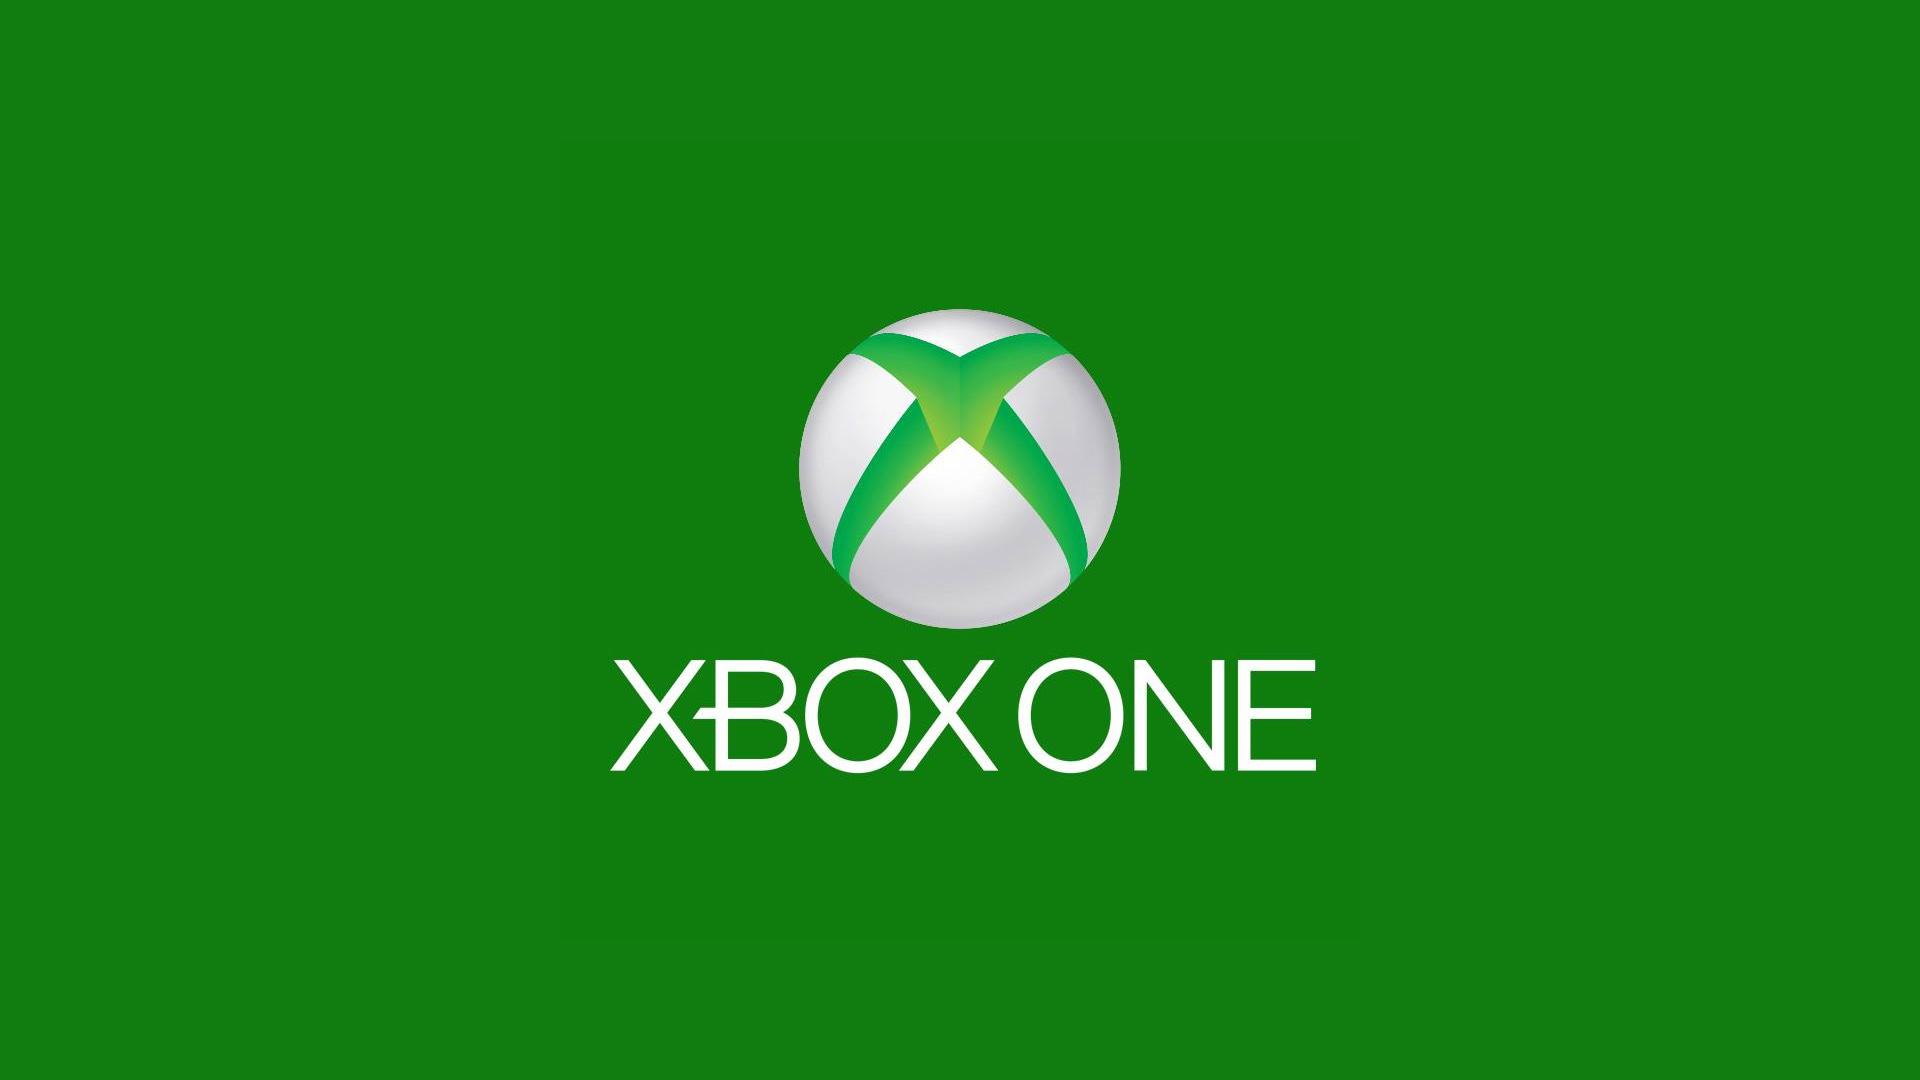 Xbox One S: annunciati i bundle per Halo Wars 2 e Forza Horizon 3